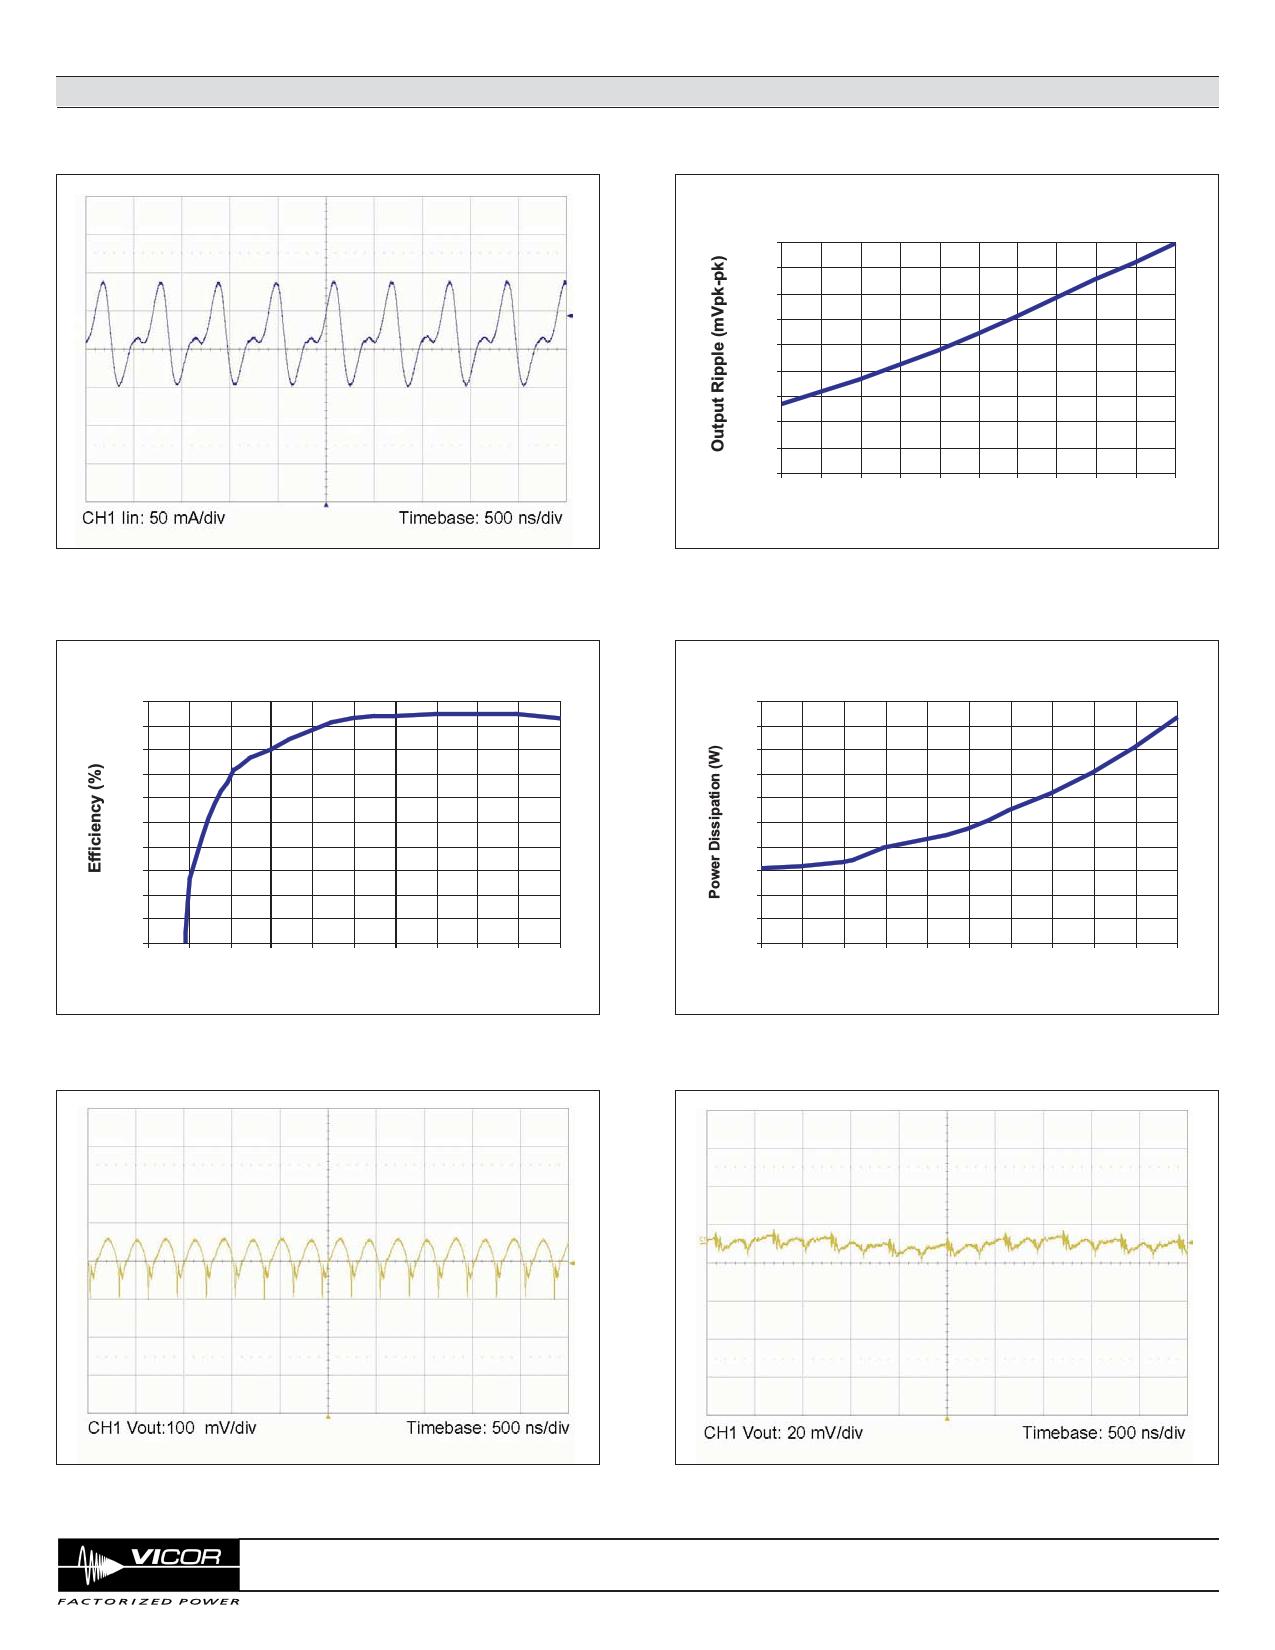 V048F096T025 pdf, 電子部品, 半導体, ピン配列